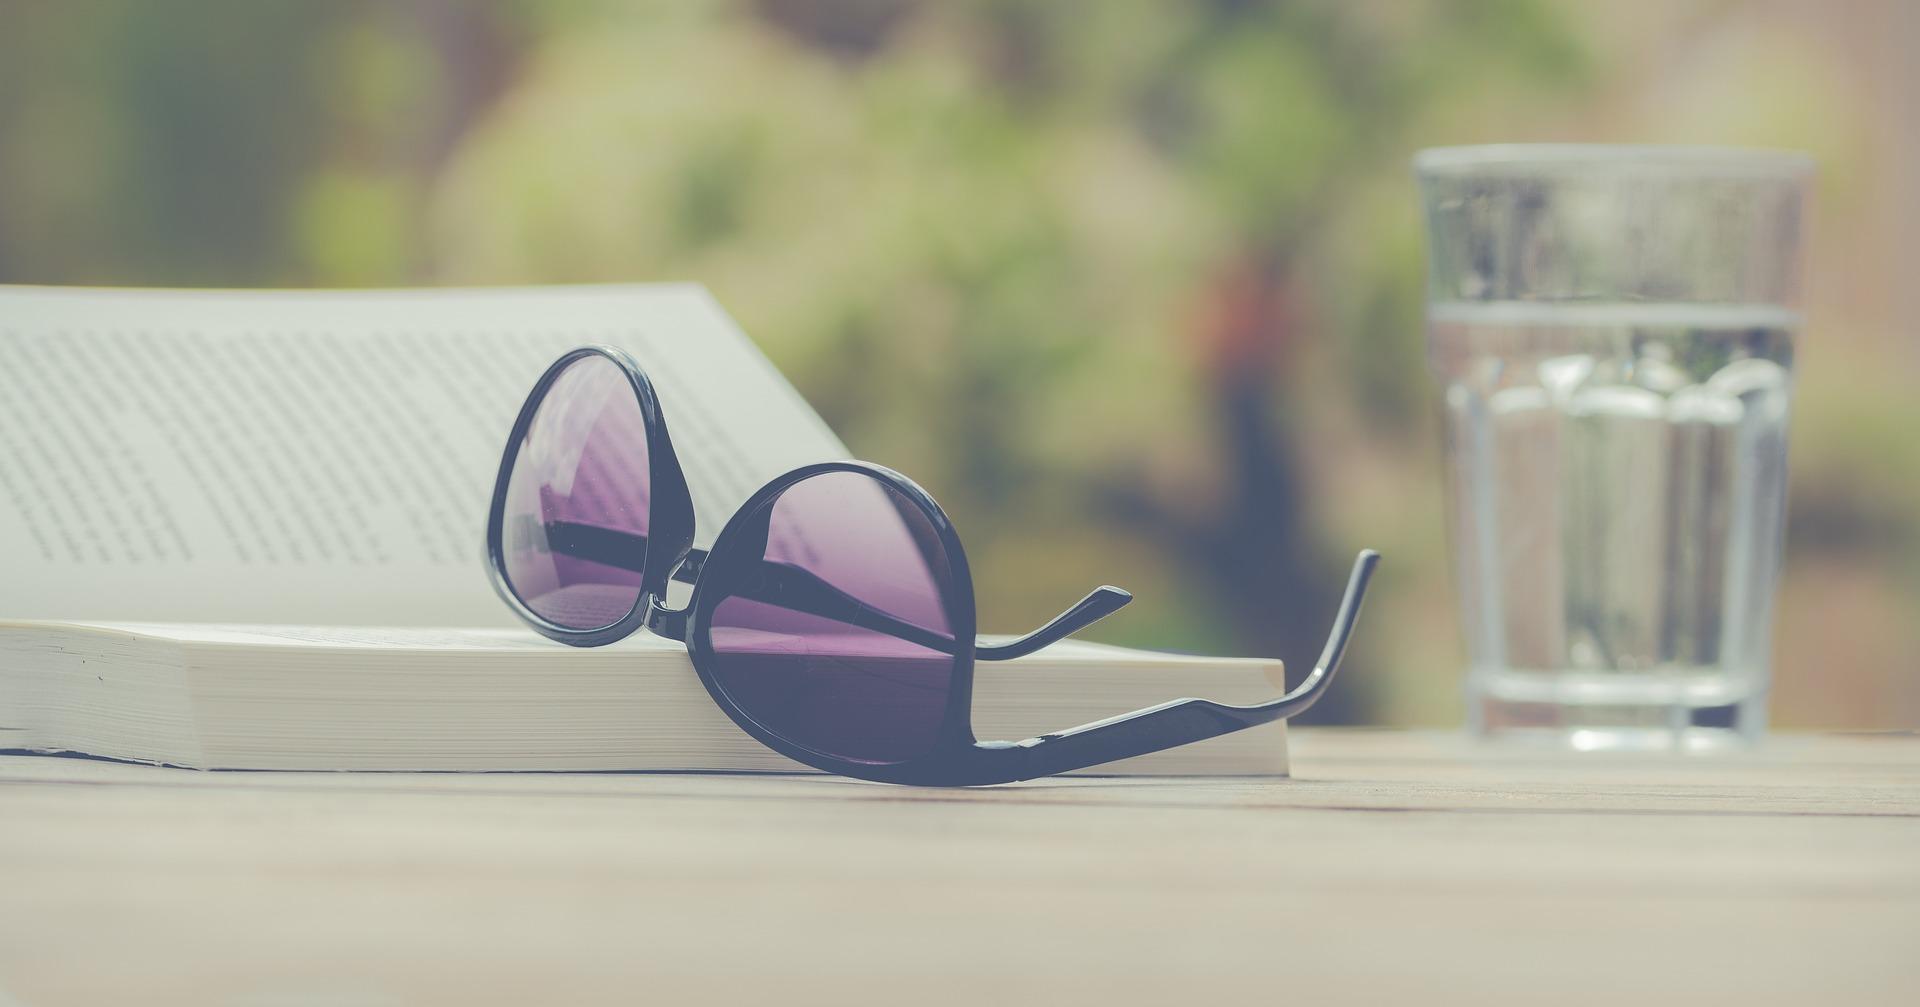 Occhiali protettivi per laser rosso: scopri l'uso, i modelli e le offerte d'acquisto